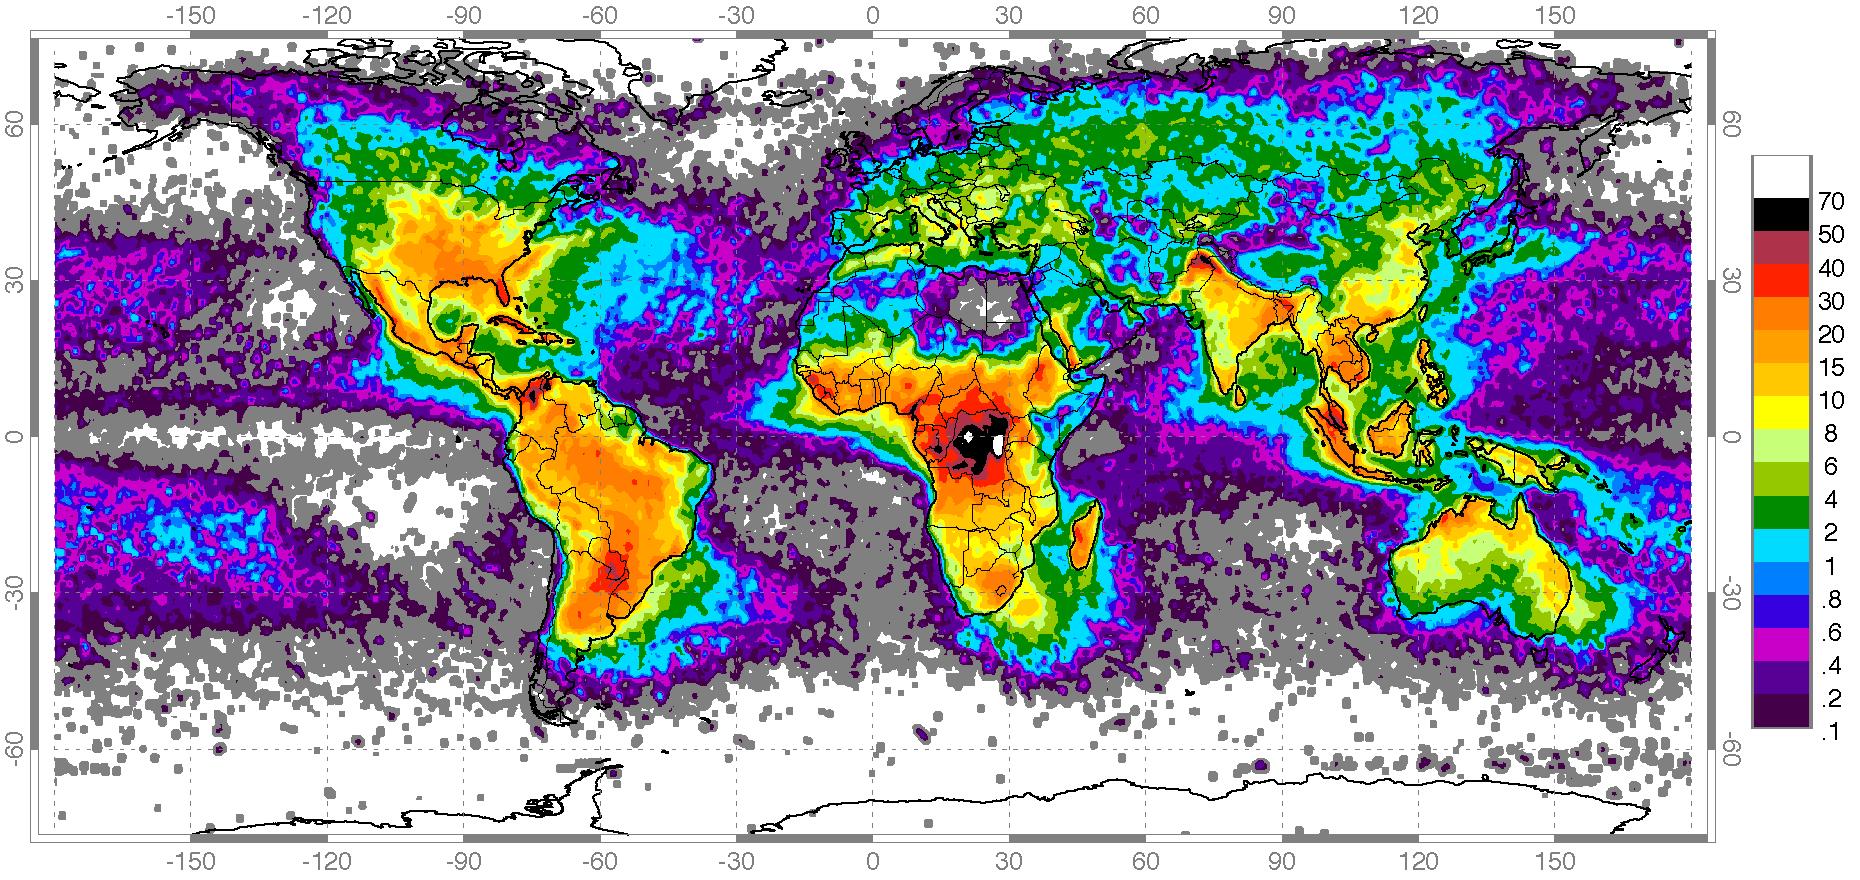 Antall lynnedslag per km²/år. Foto: NASA, NSSTC Lightning Team